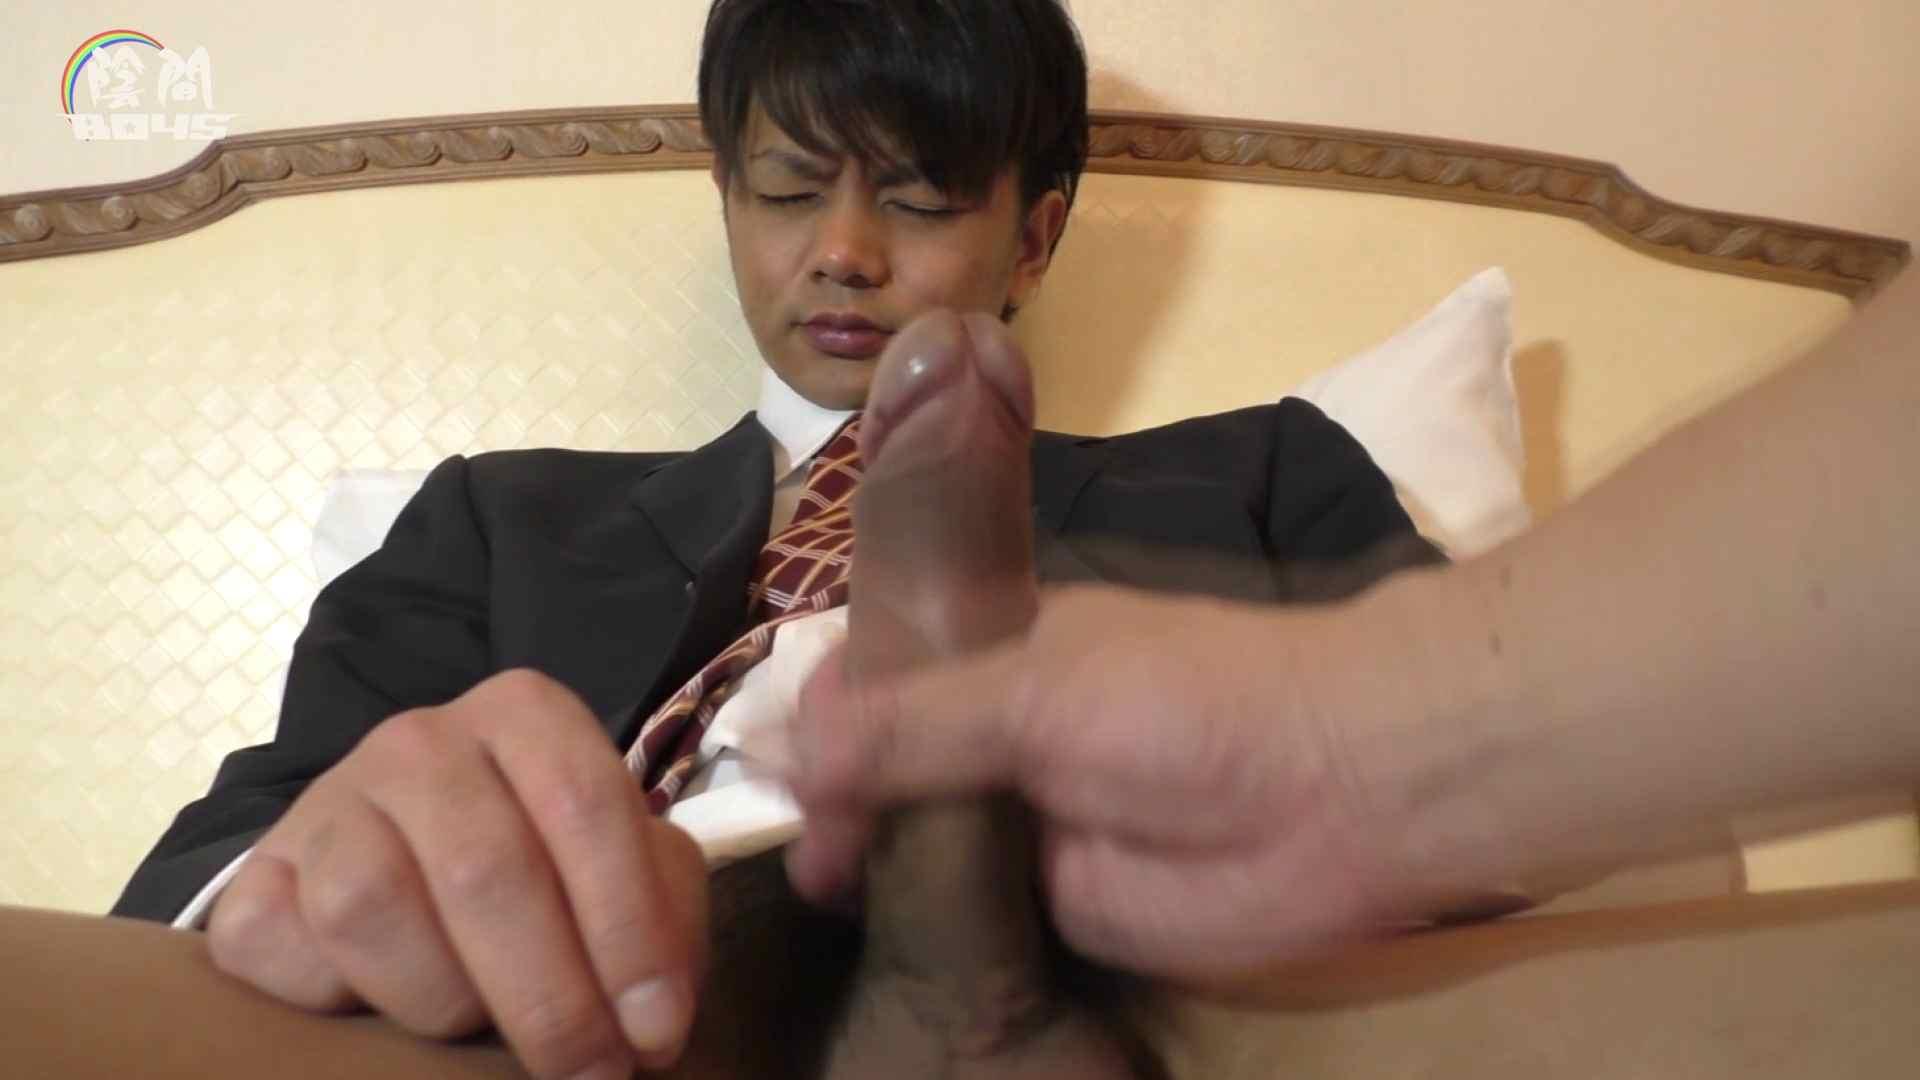 陰間BOYS~キャバクラの仕事はアナルから4 Vol.02 エッチ ゲイ無修正画像 100pic 53